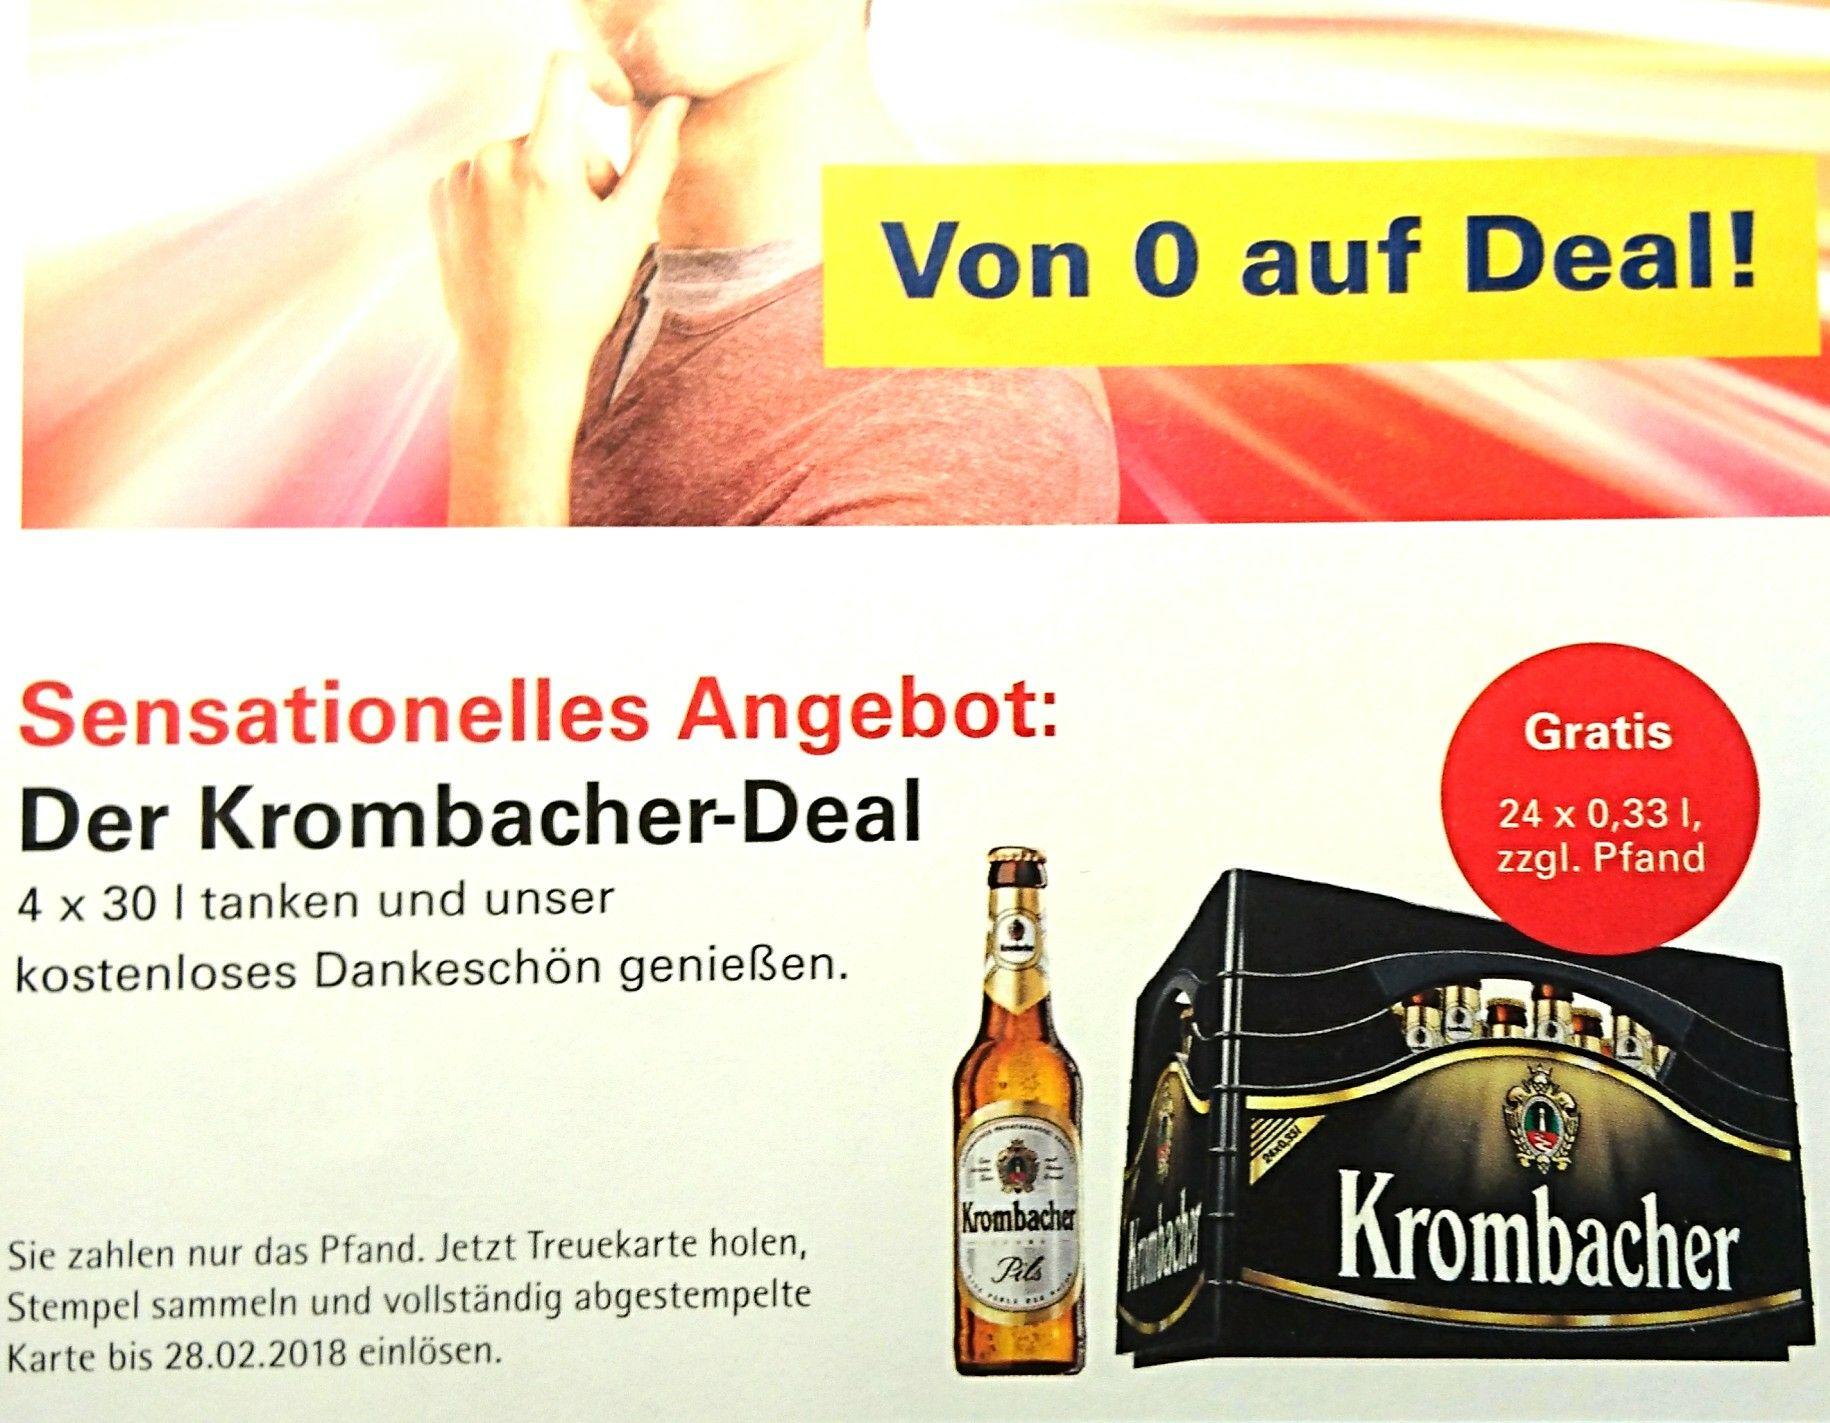 Krombacher Angebote & Deals ⇒ Februar 2018 - mydealz.de